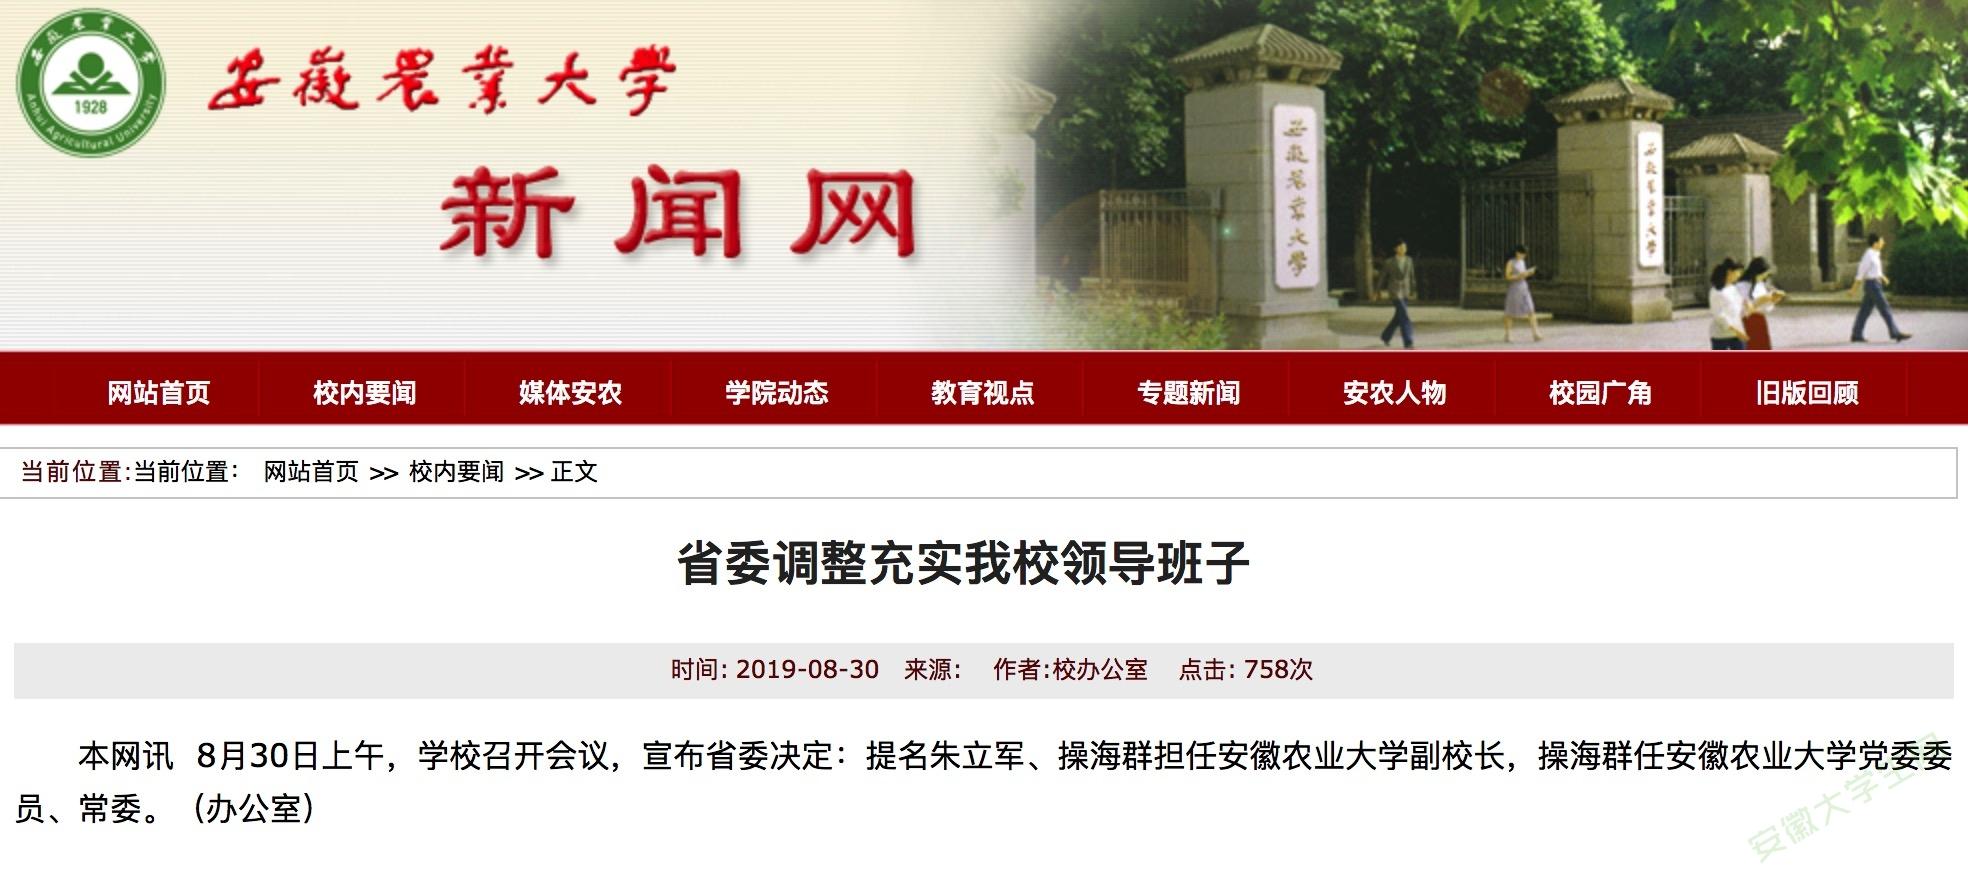 安徽又一高校领导班子变动!省委提名两位同志担任副校长